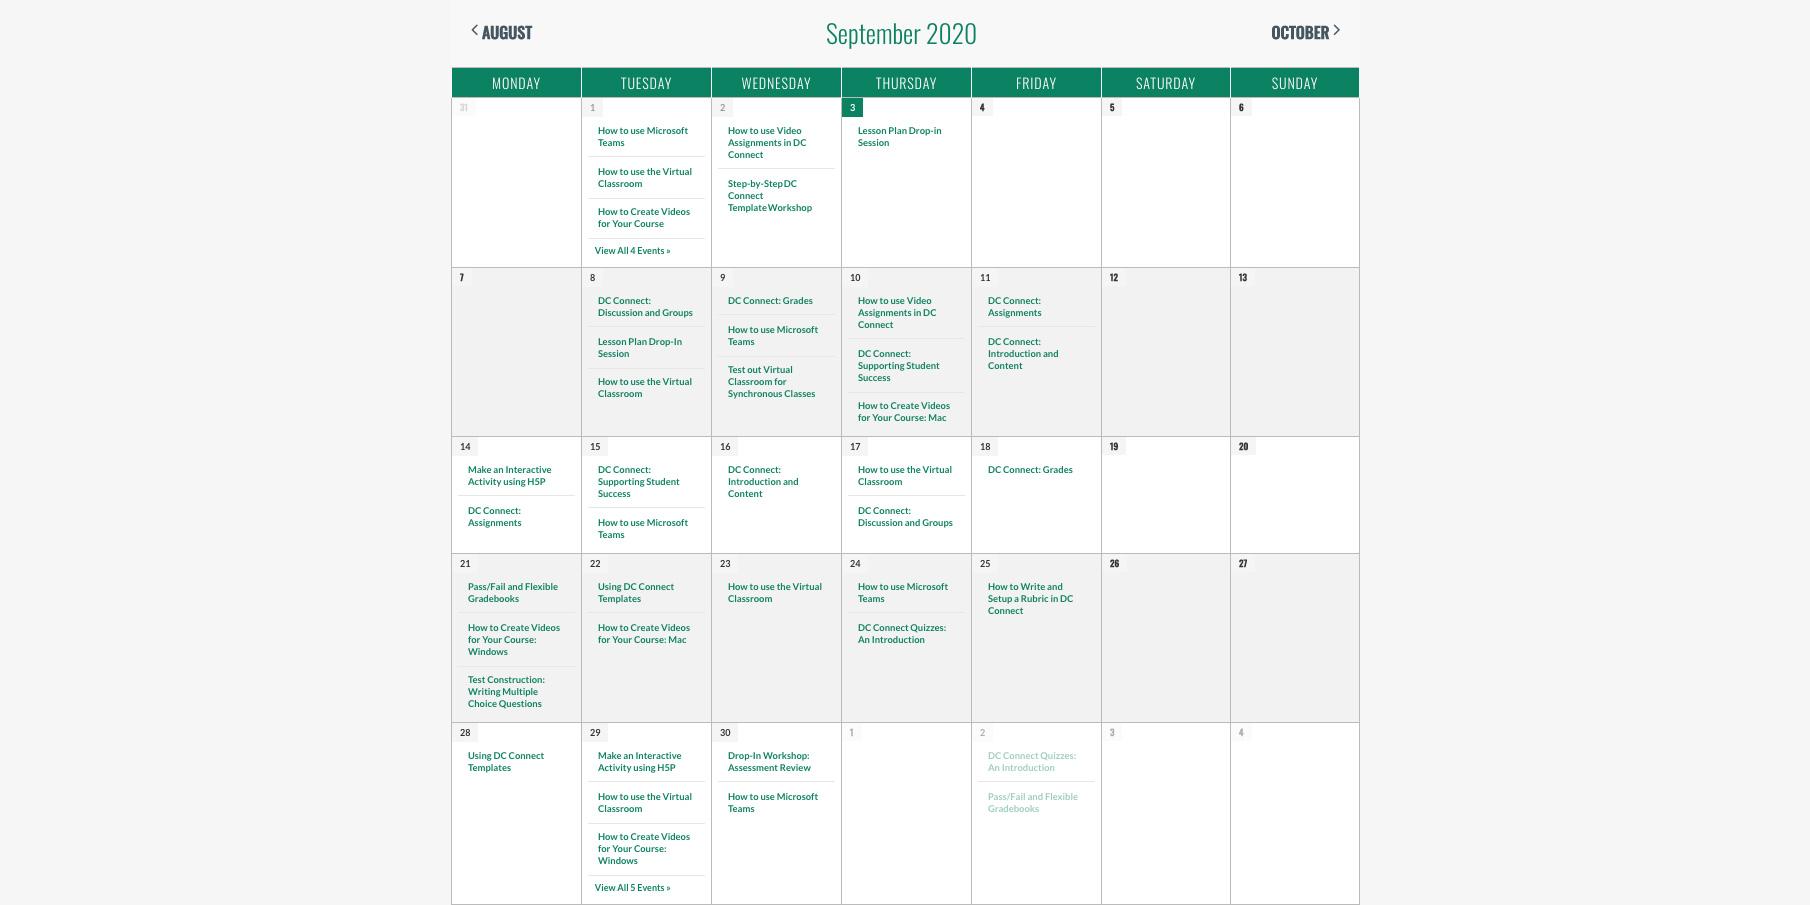 September Fall Professional Development Opportunities Calendar